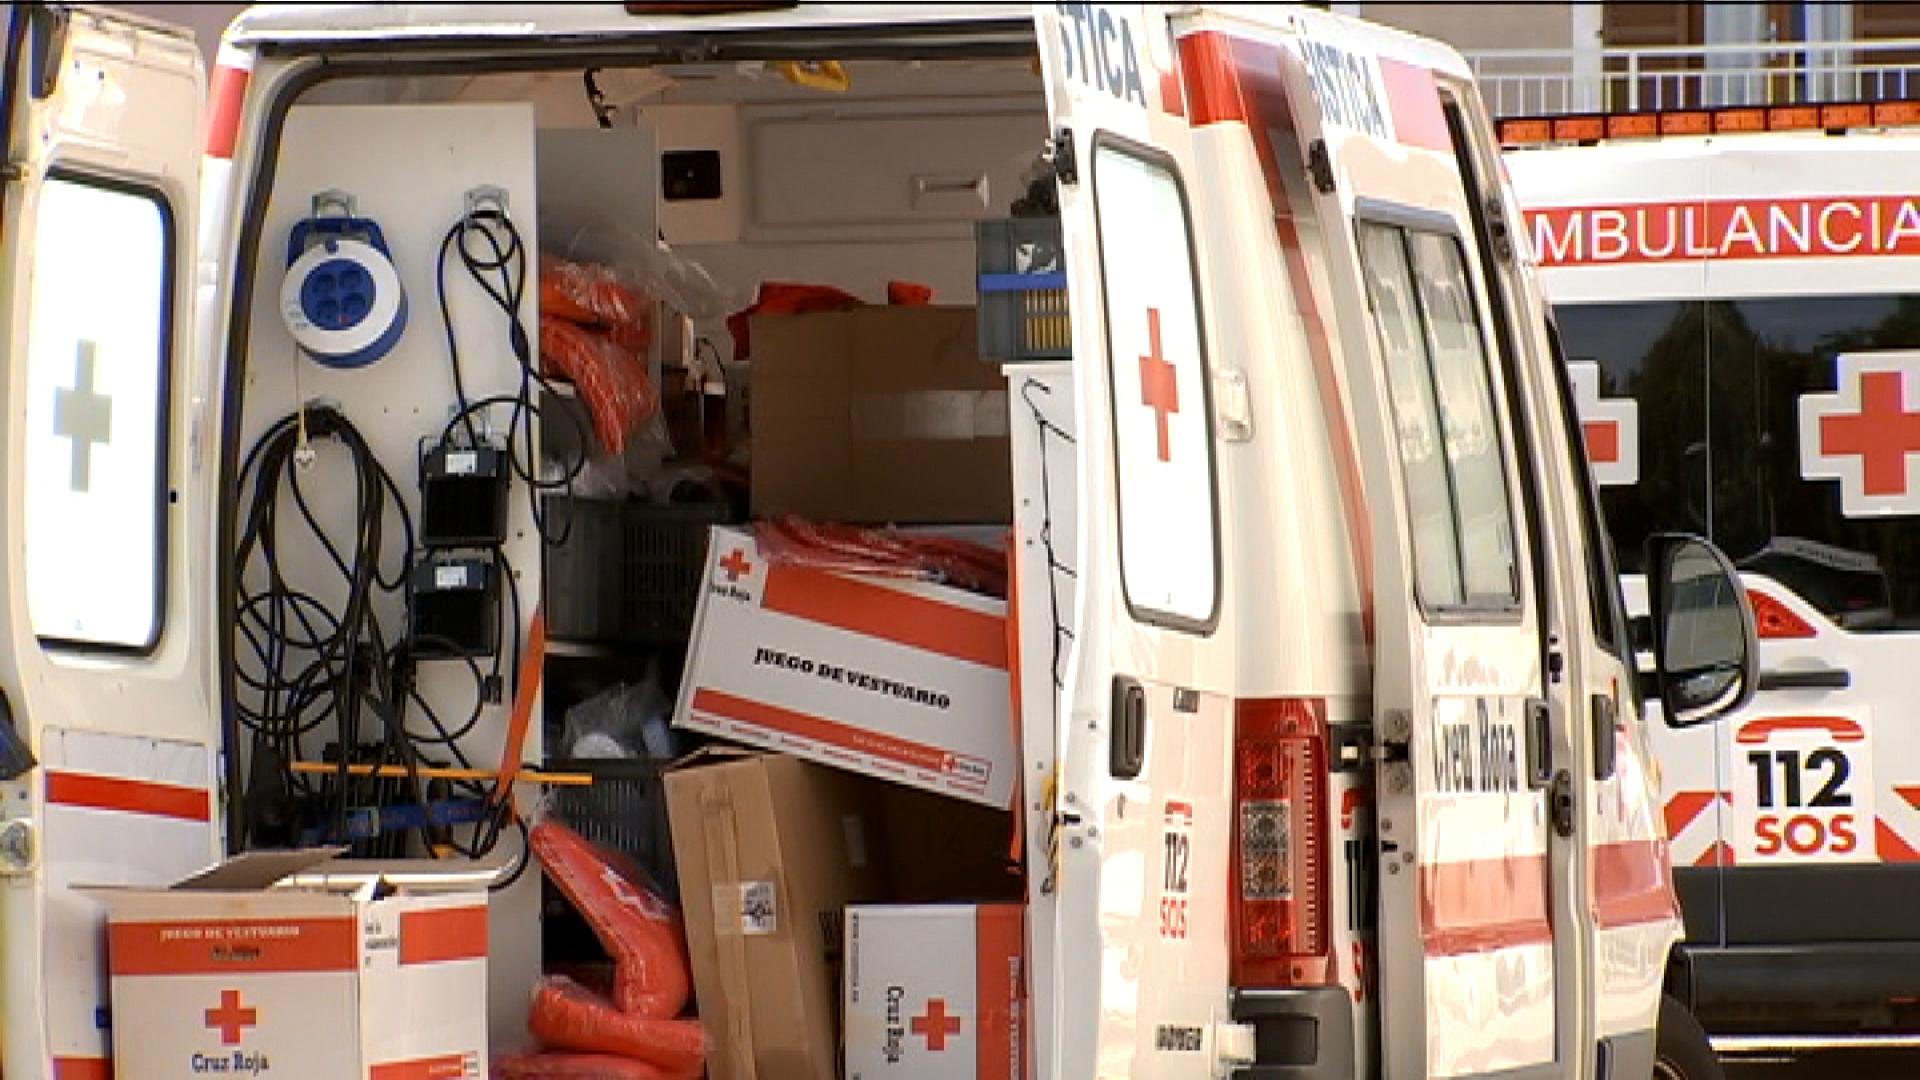 La+Creu+Roja+dona+ajuda+humanit%C3%A0ria+als+migrants+arribats+en+pasteres